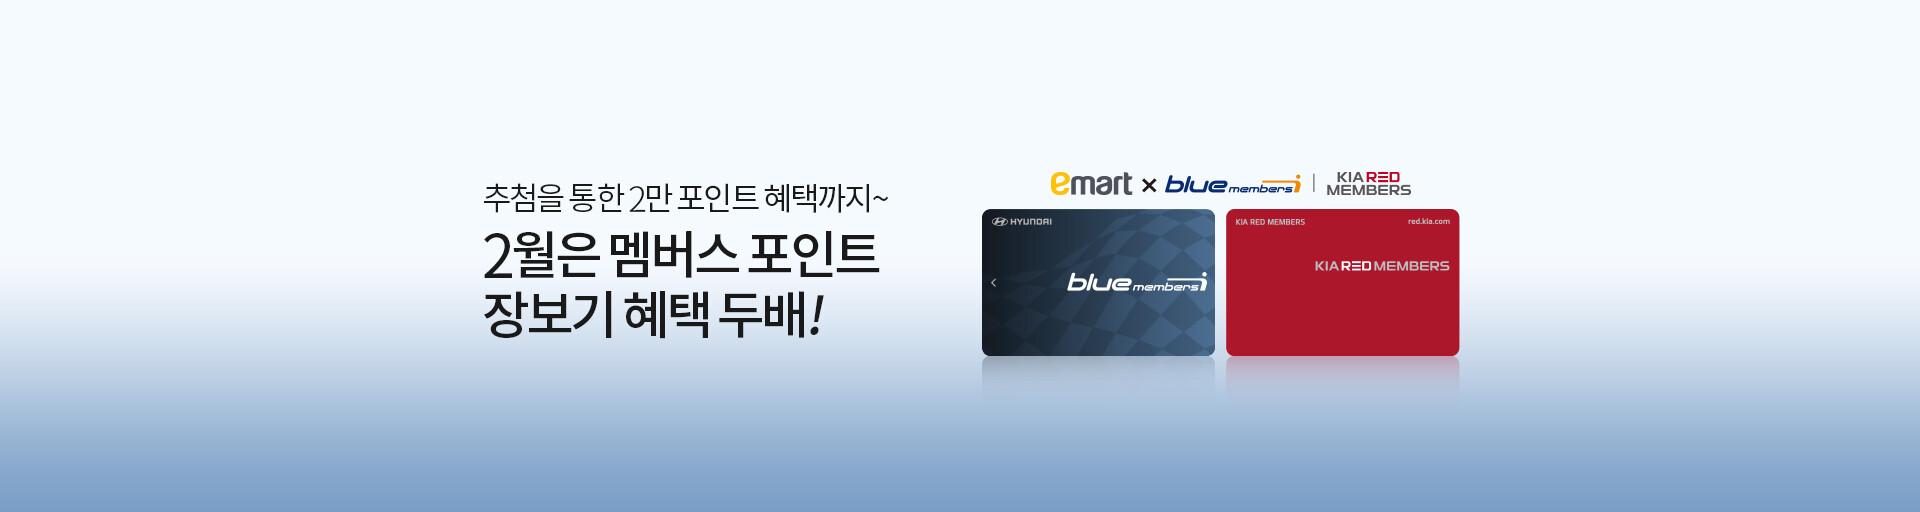 추첨을 통한 2만 포인트 혜택까지~ 2월은 멤버스 포인트 장보기 혜택 두배!